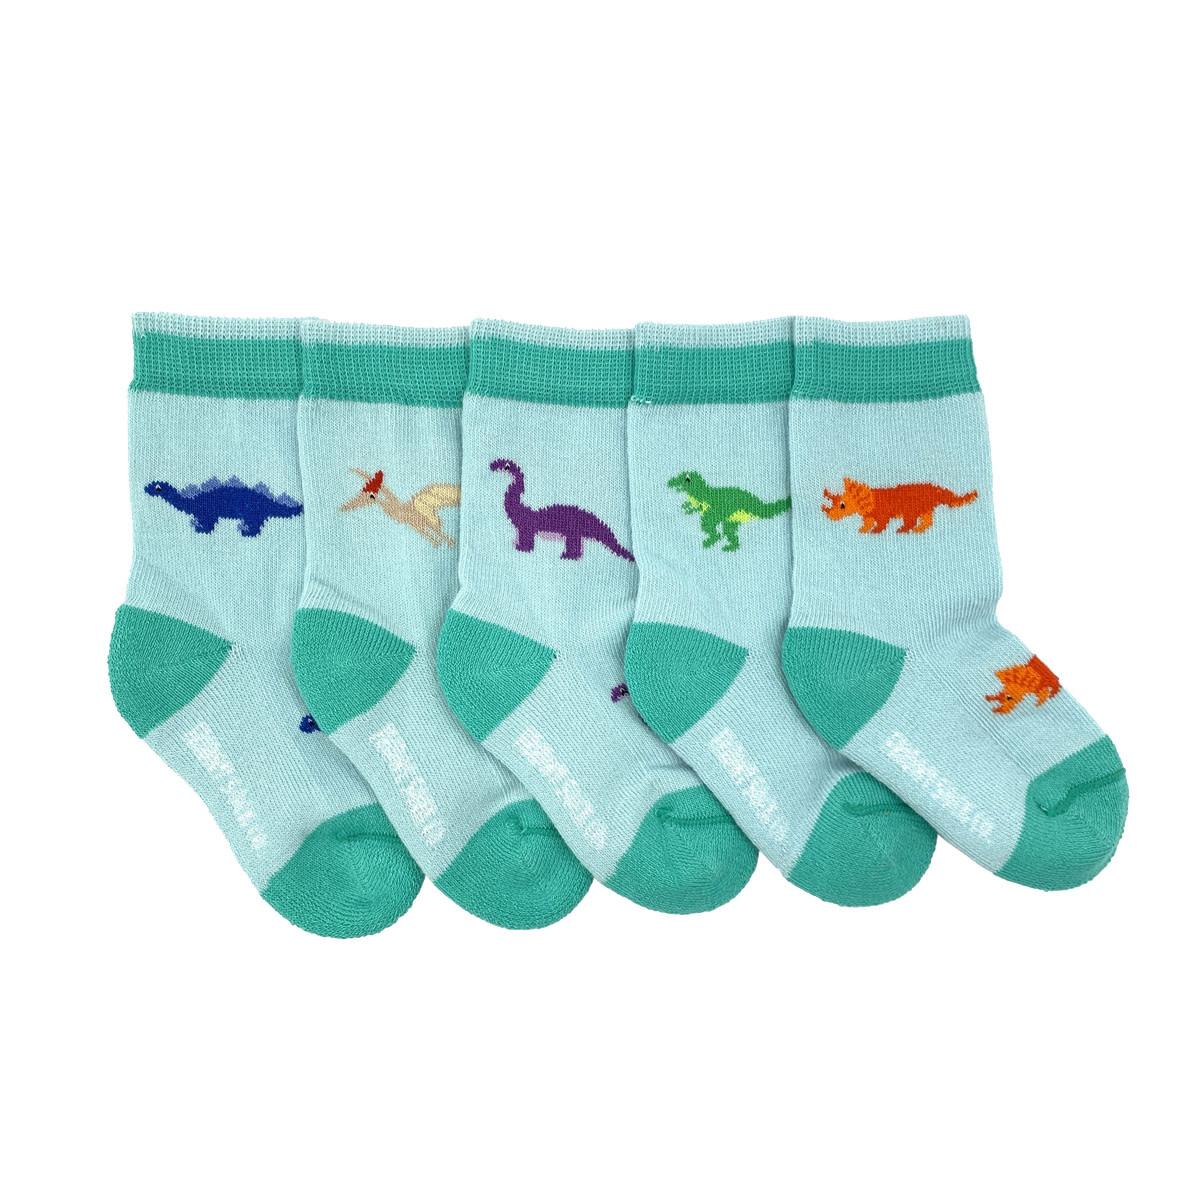 Friday Sock Co. Friday Sock Co. Baby Dinosaur 5 Pk